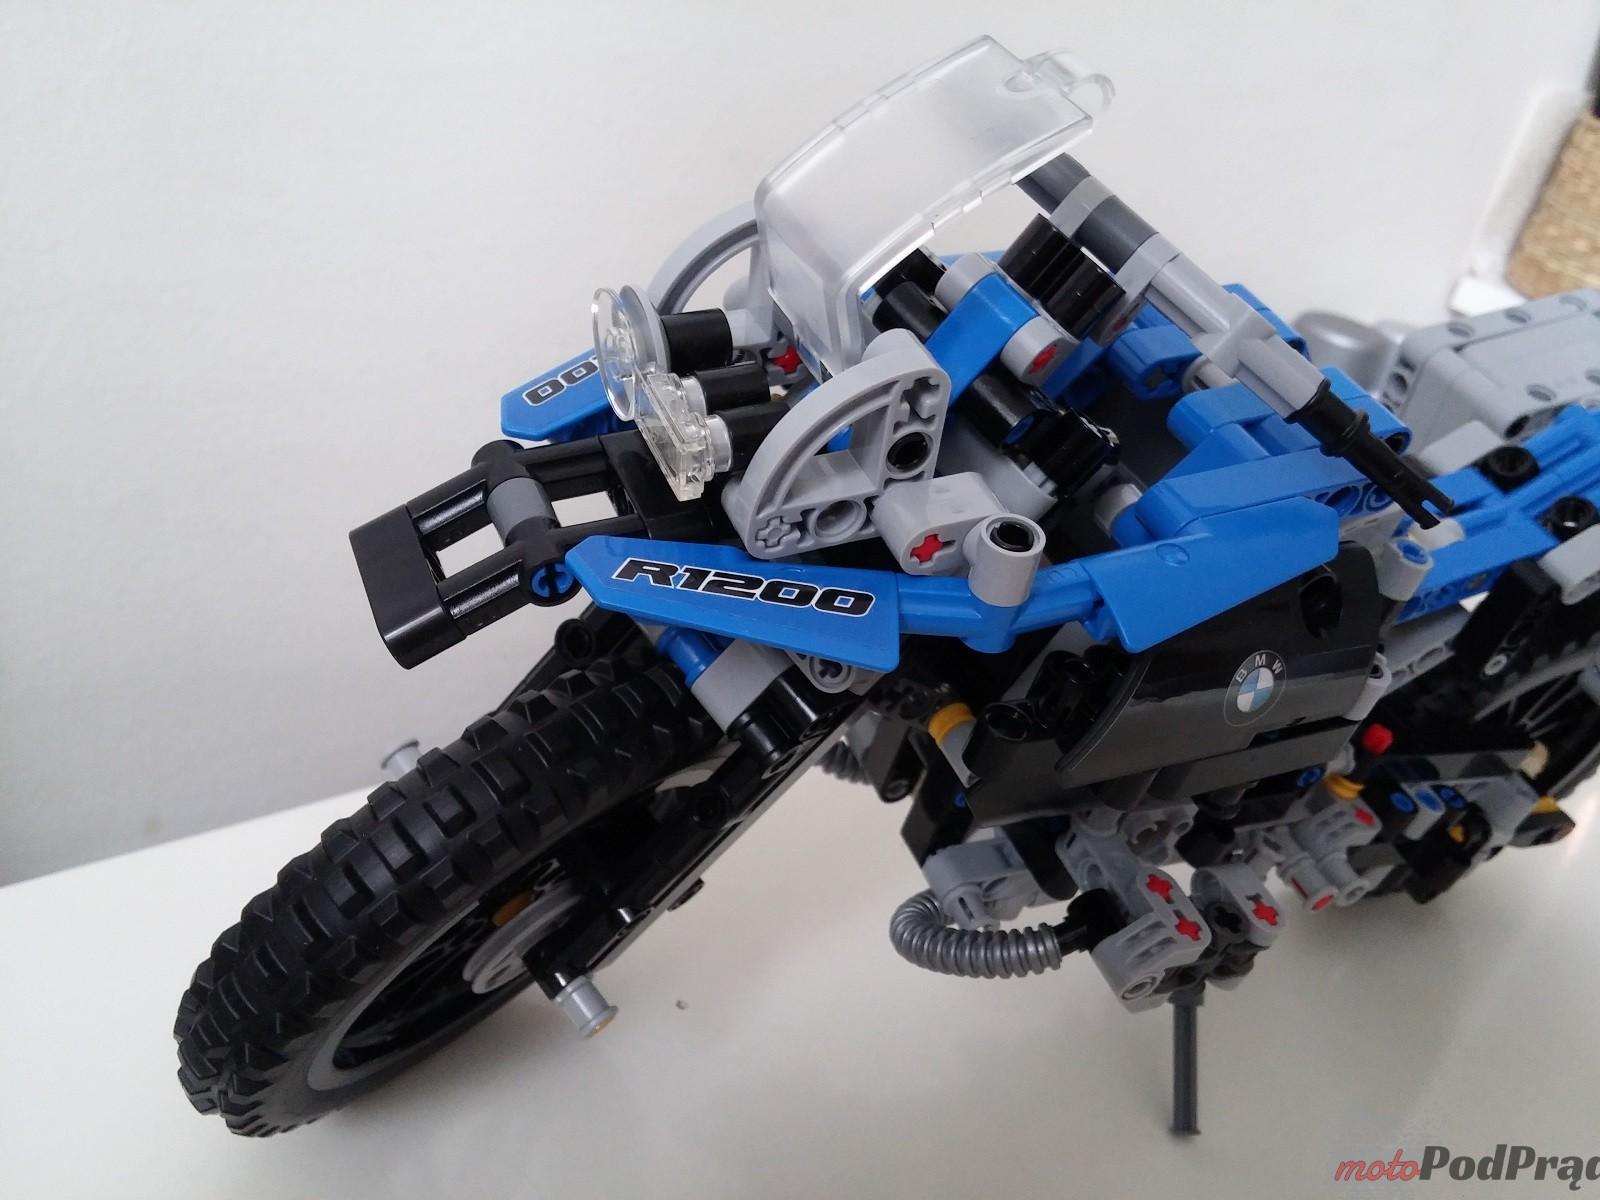 Lego Technic BMW GS 1200 R 12 [Wyniki] Konkurs LEGO Technic